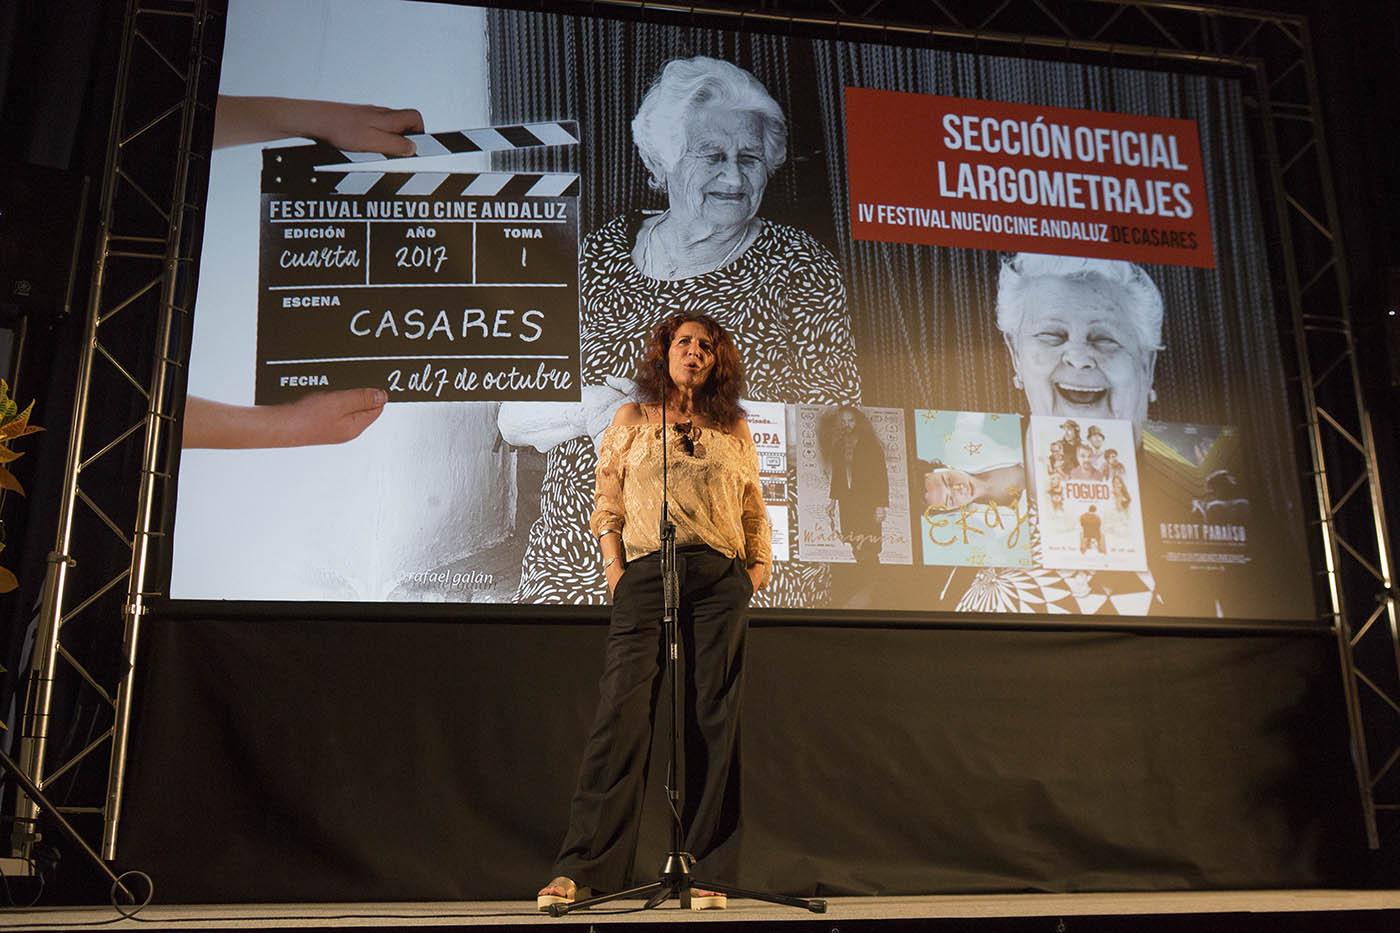 Cati González, premio mejor Dirección IV Festinval Nuevo Cine Andaluz